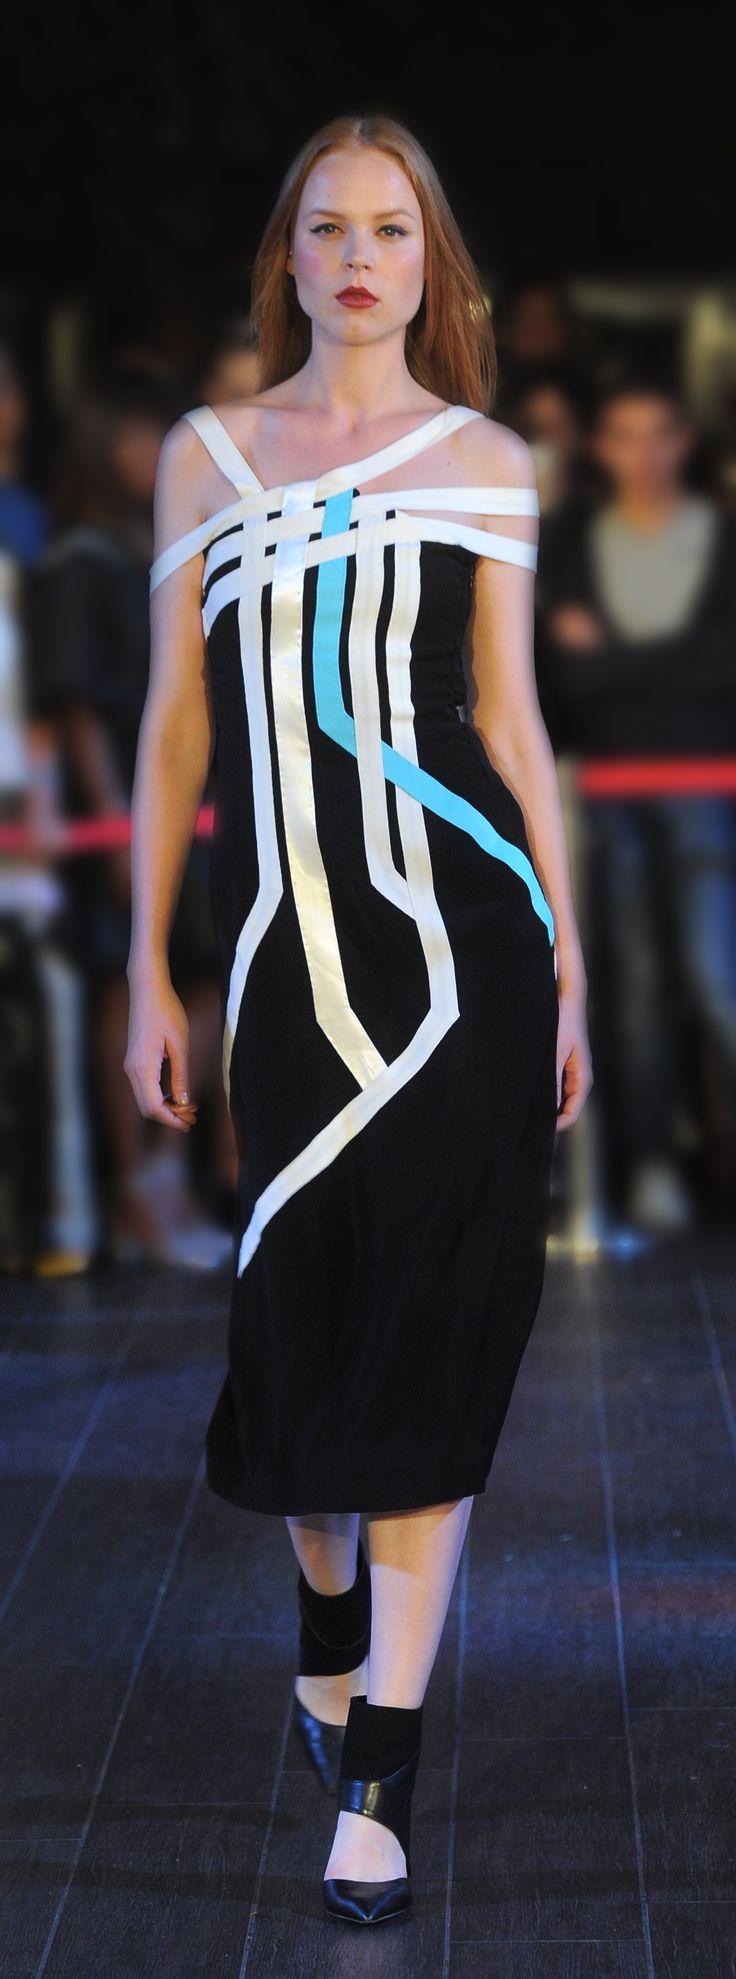 FASHION SHOW 2015 Istituto di Moda Burgo  www.imb.it